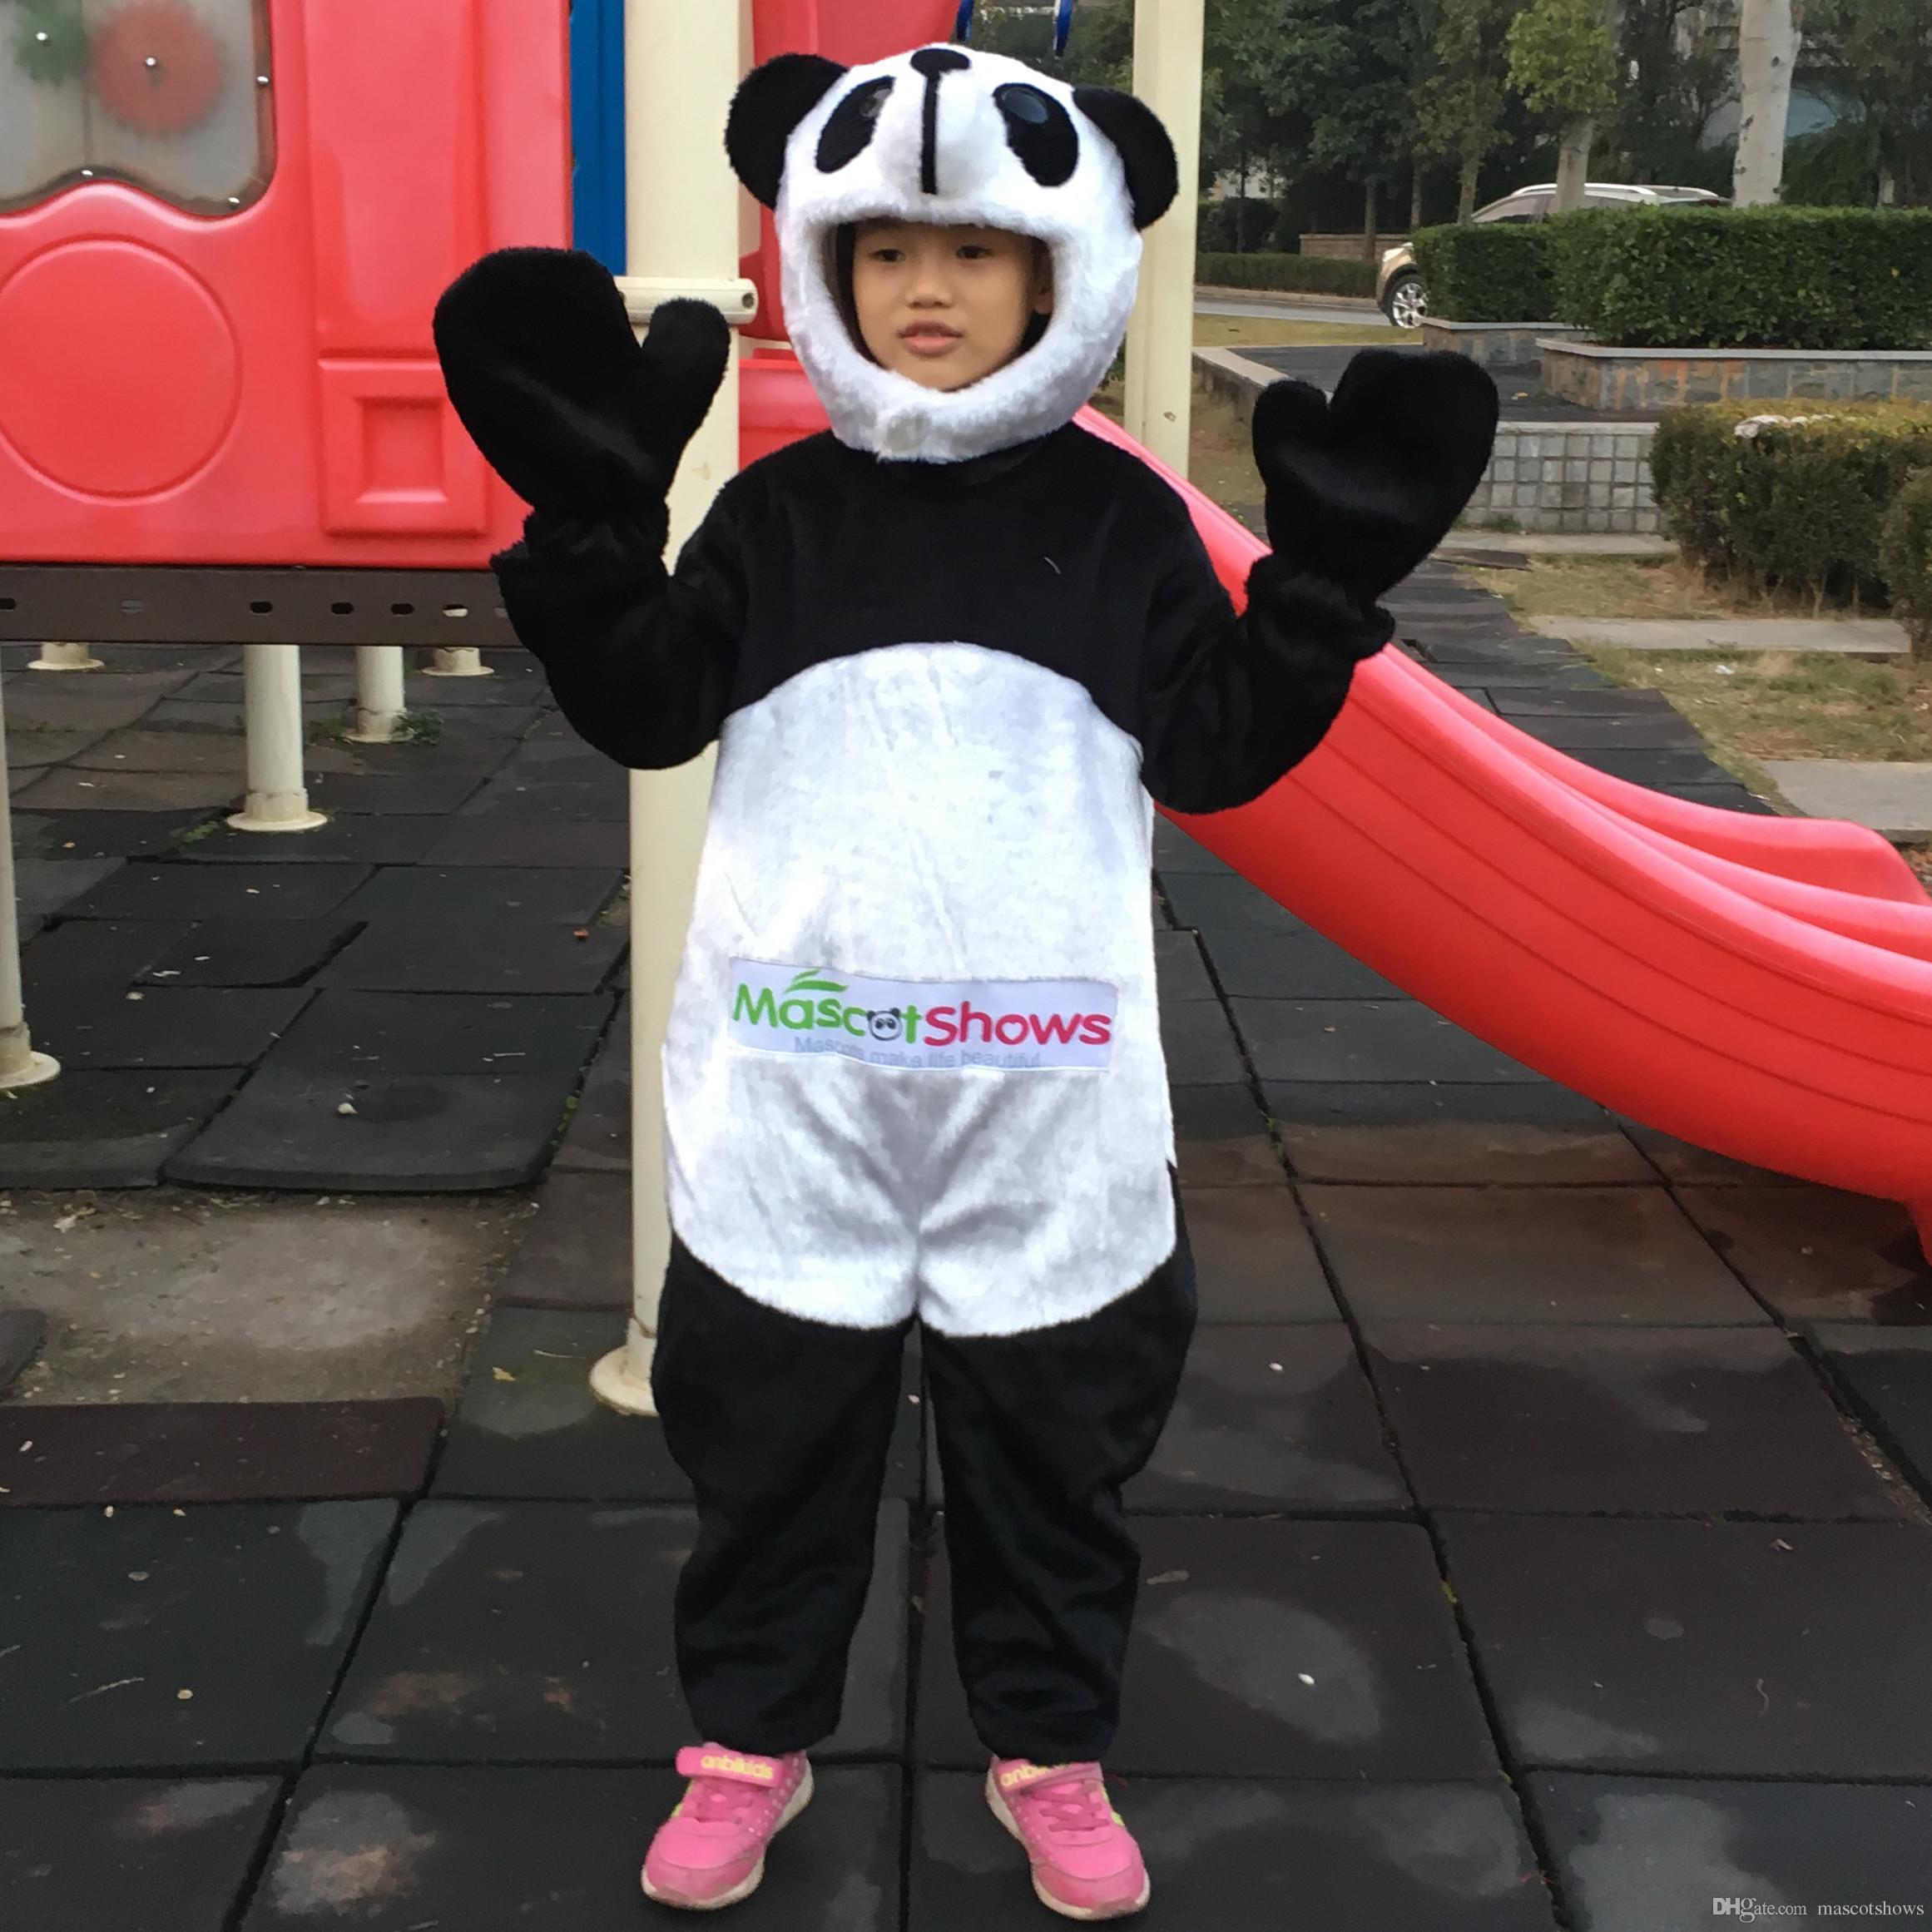 Ver imagen más grande  sc 1 st  DHgate & Compre Adorable Show Face Oso Panda Traje De La Mascota Para Los ...